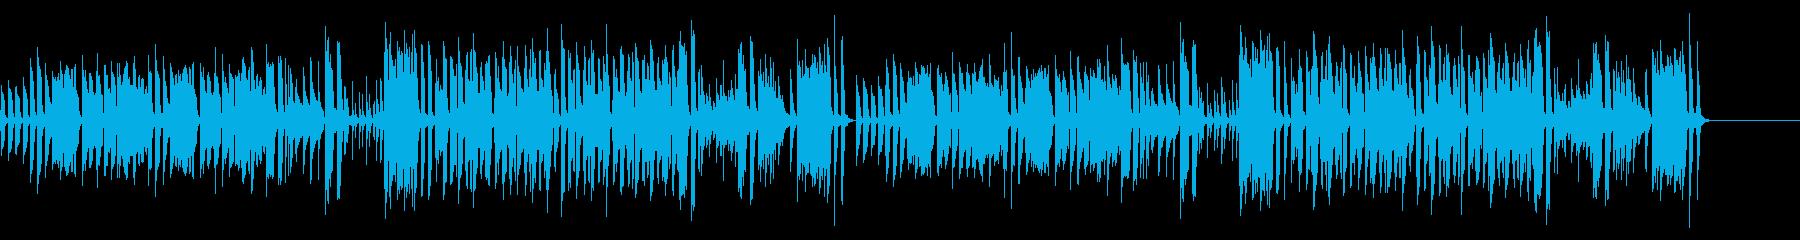 日常のBGMの再生済みの波形